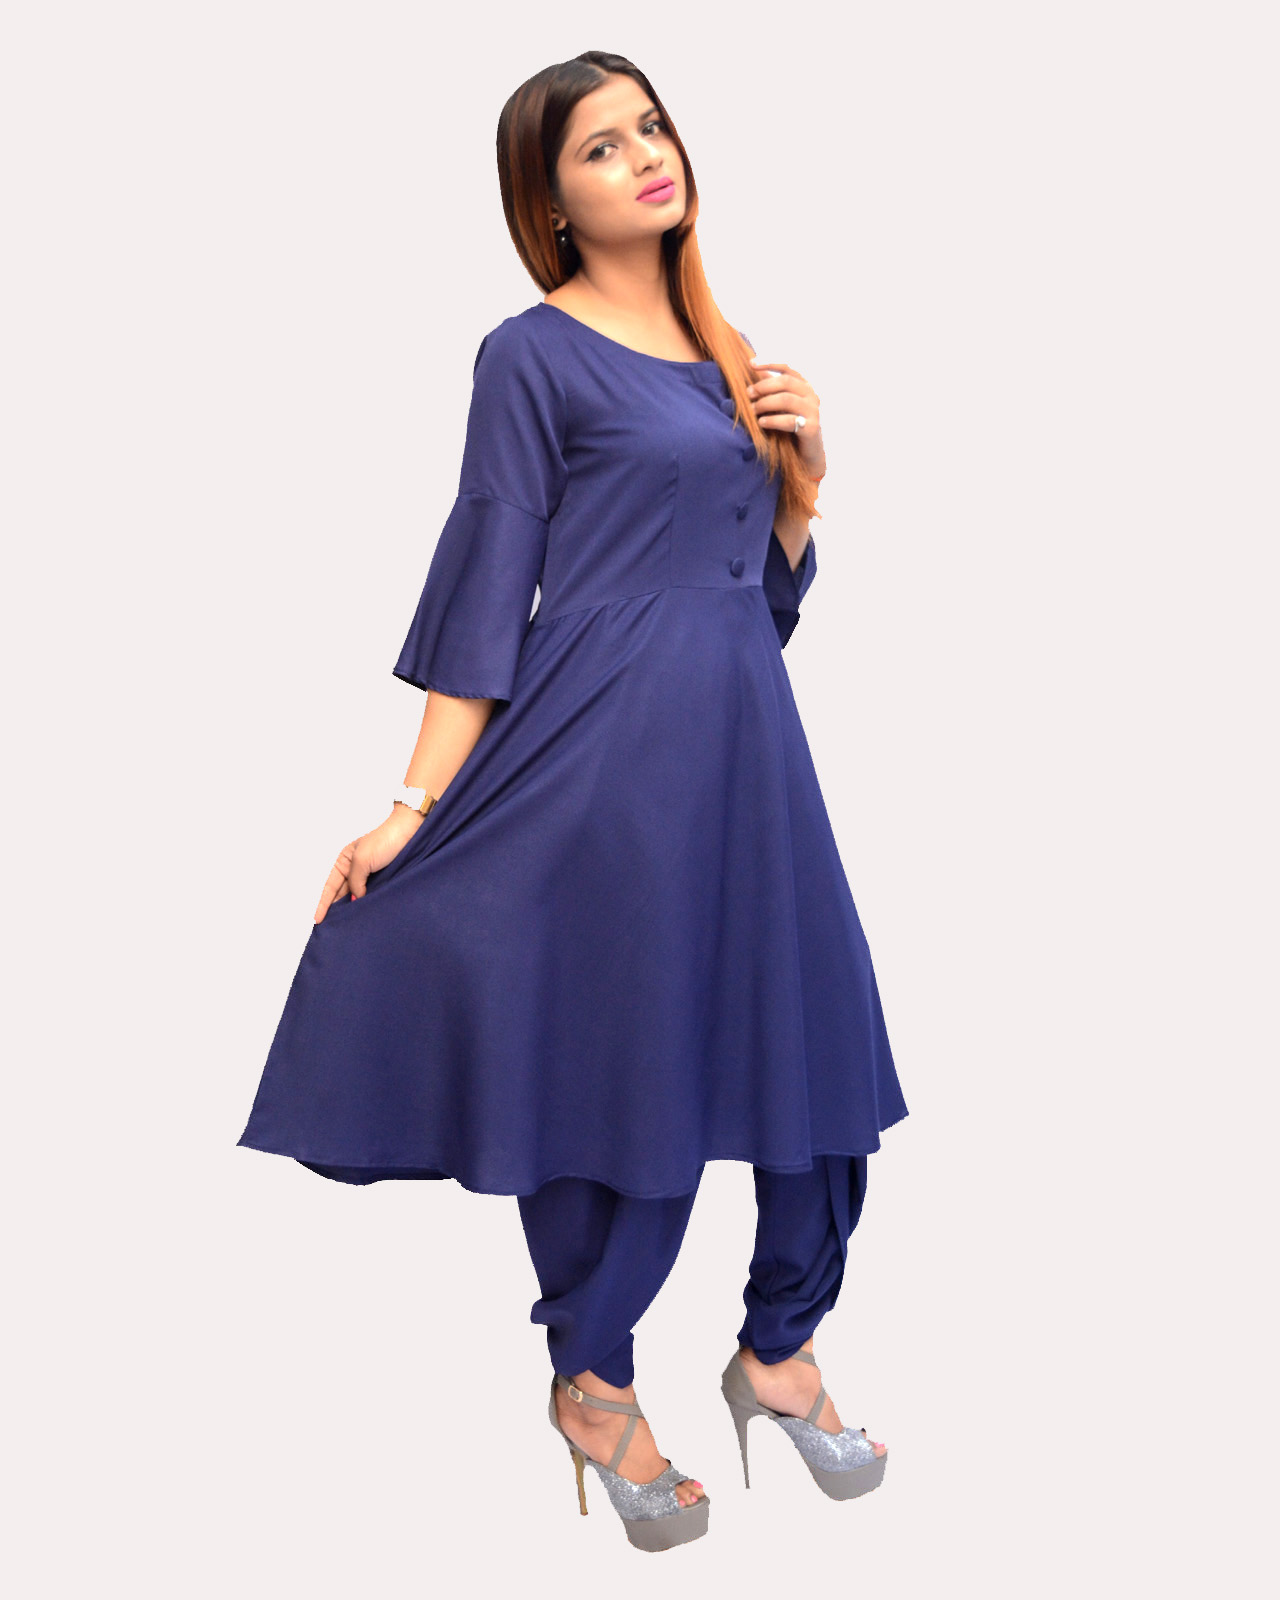 Elegant DRESS-MATERIAL